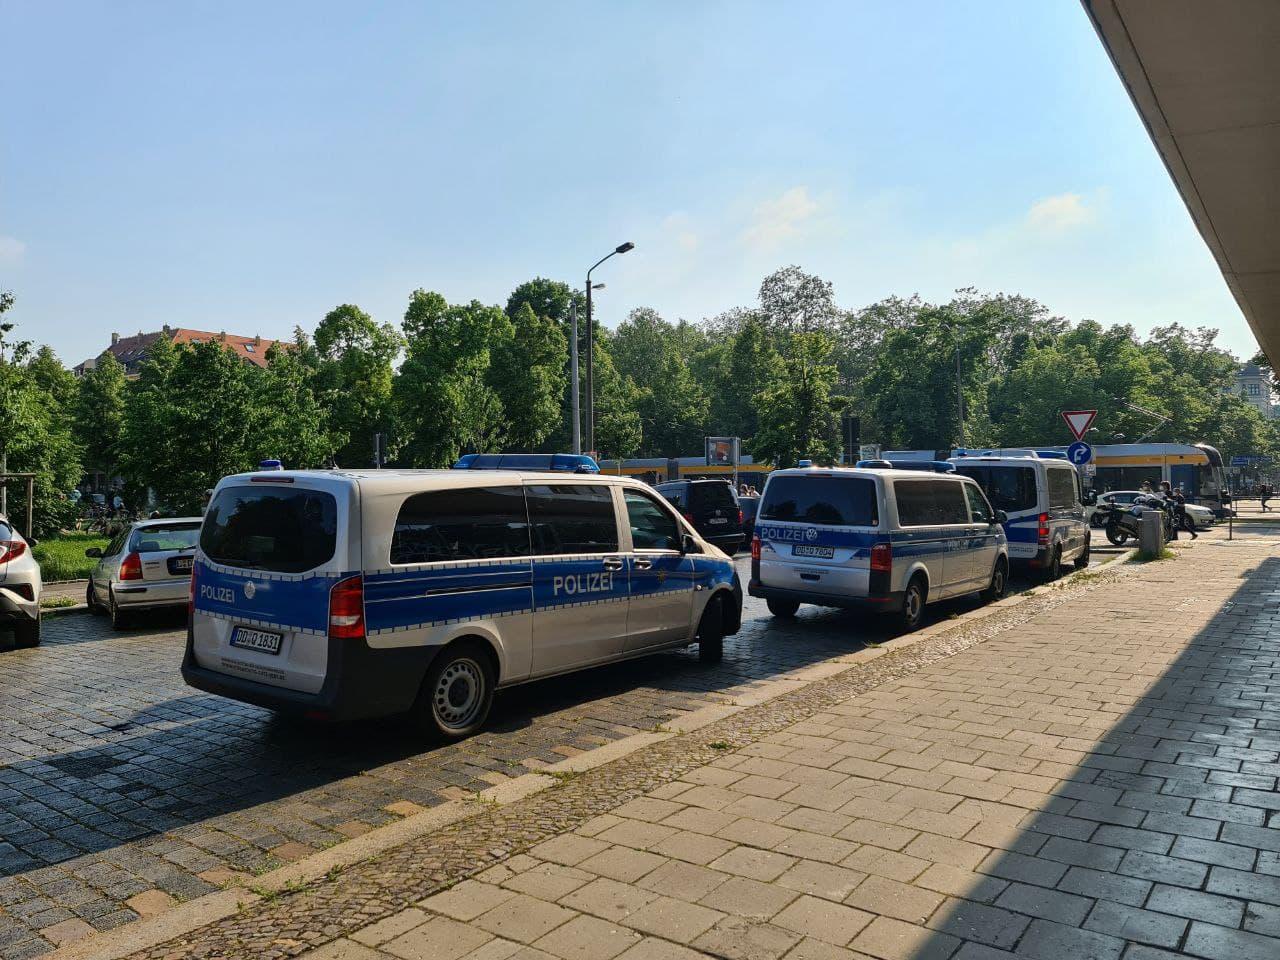 Polizei so weit das Auge reicht rings um den Wagnerplatz. Foto: LZ